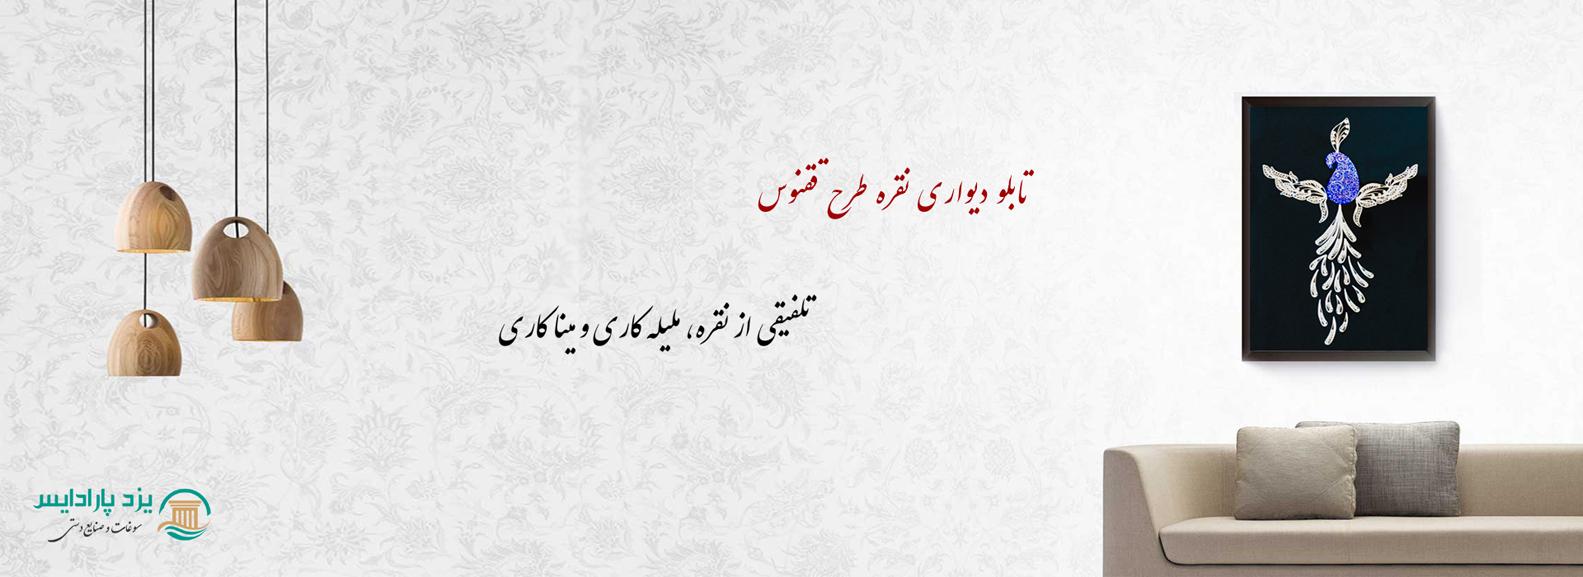 سوغات و صنایع دستی یزد پاردایس